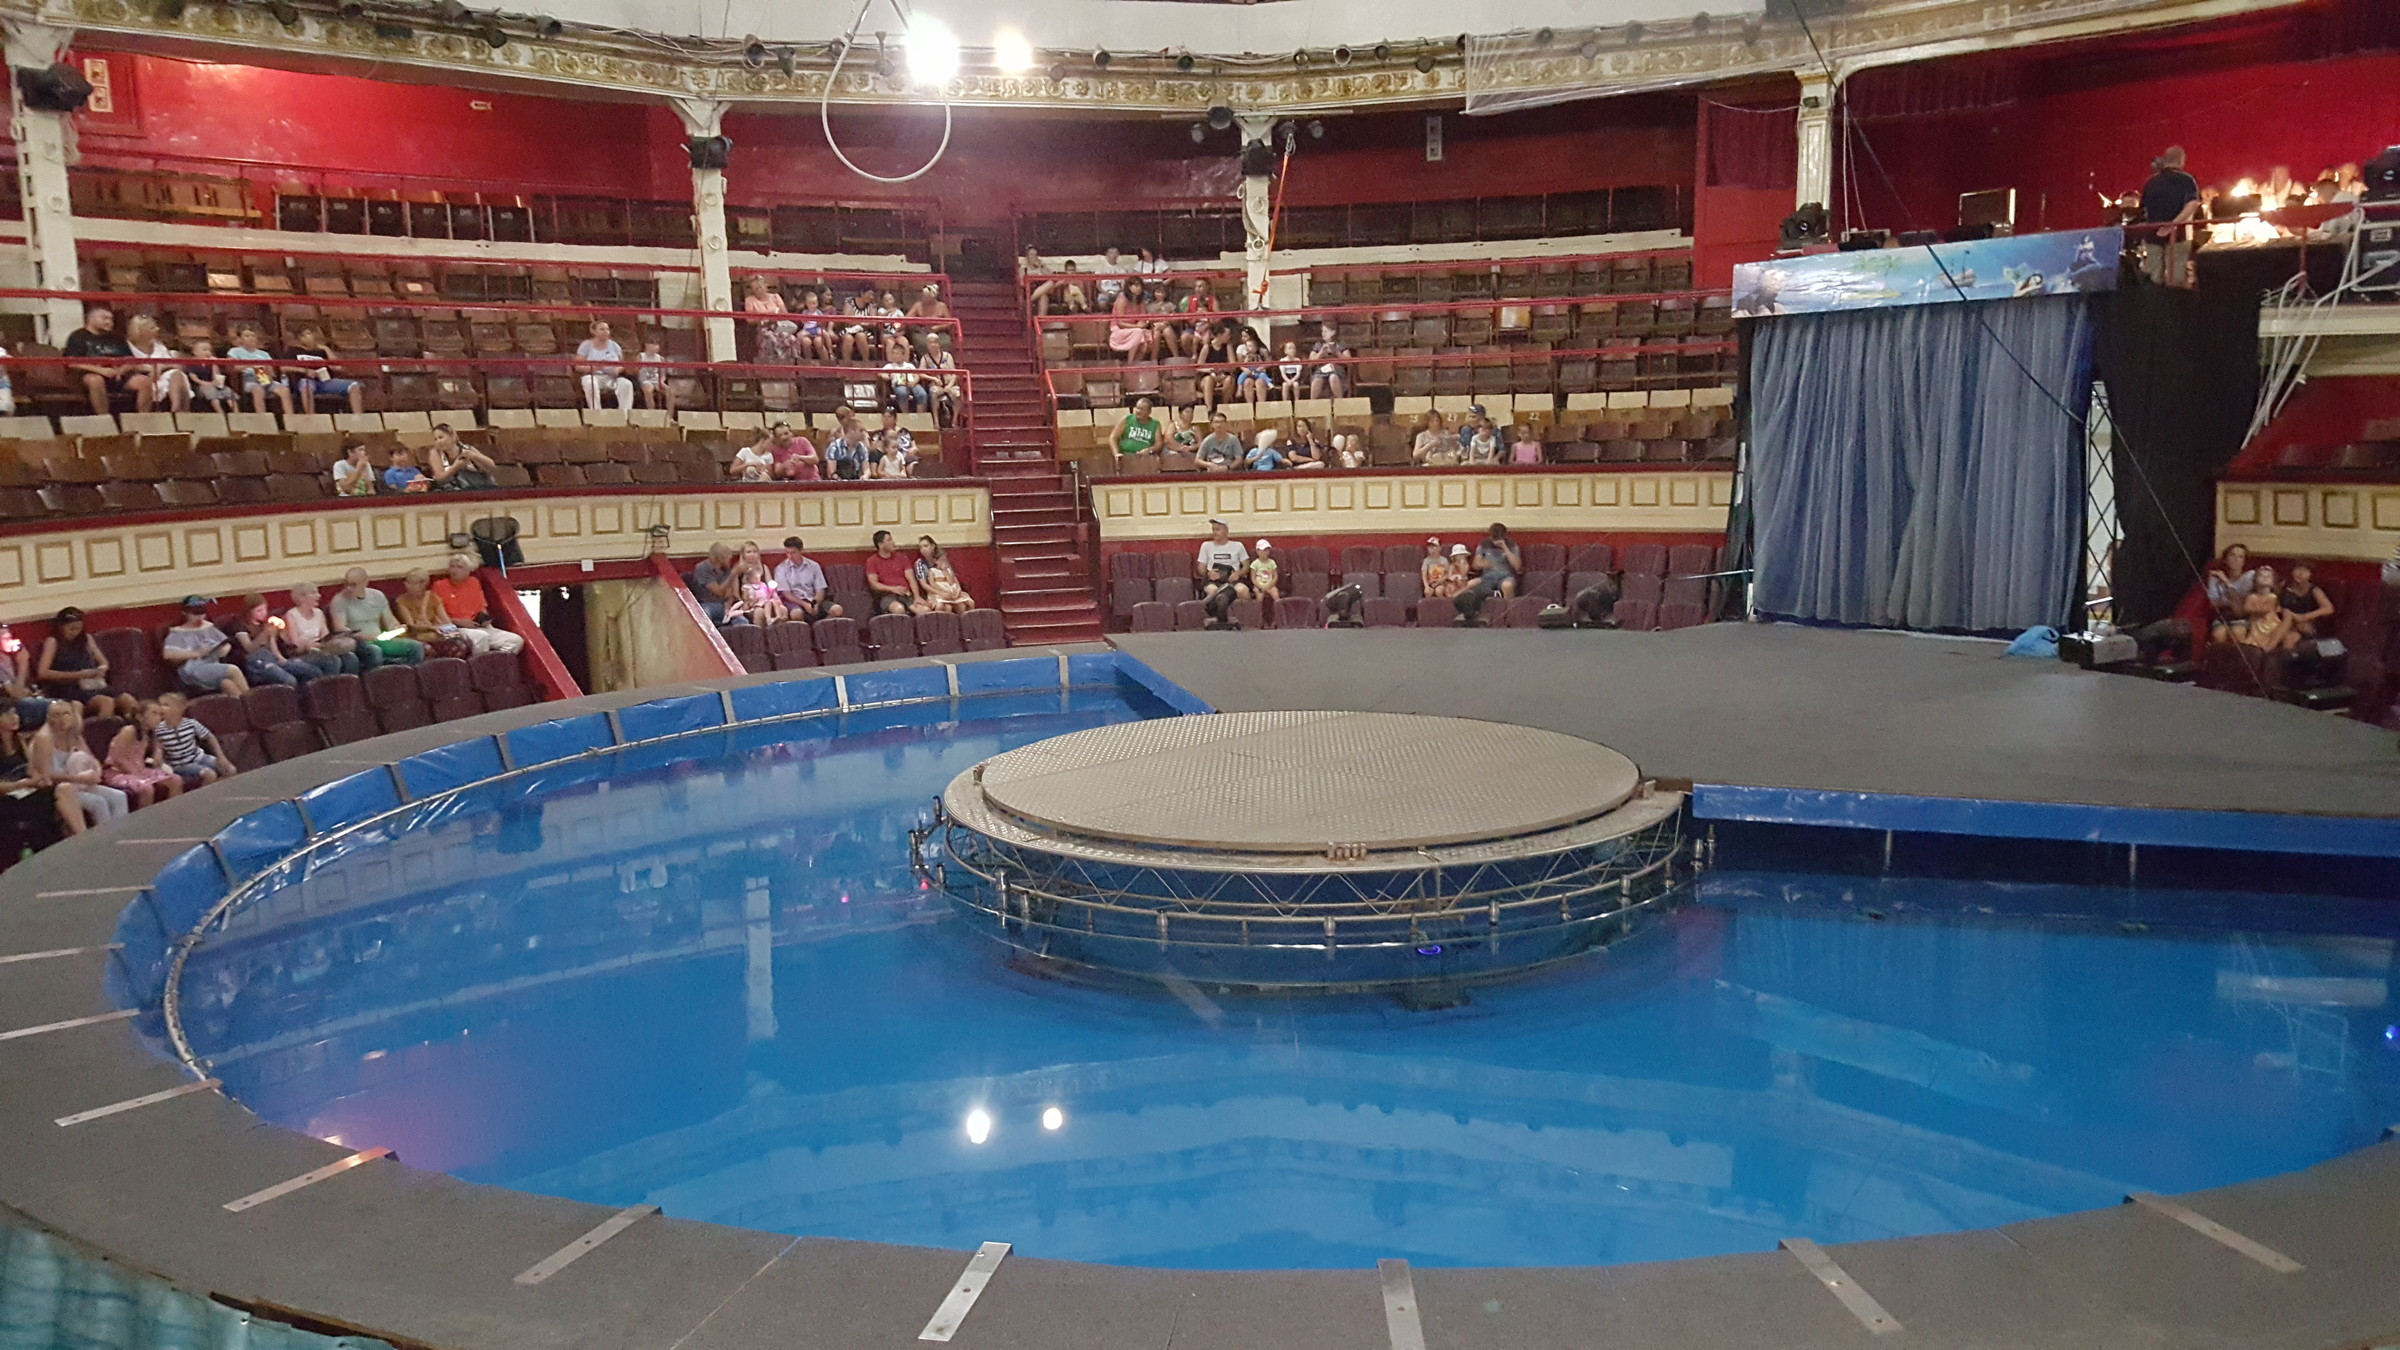 Одесский цирк схема зрительного зала фото 475